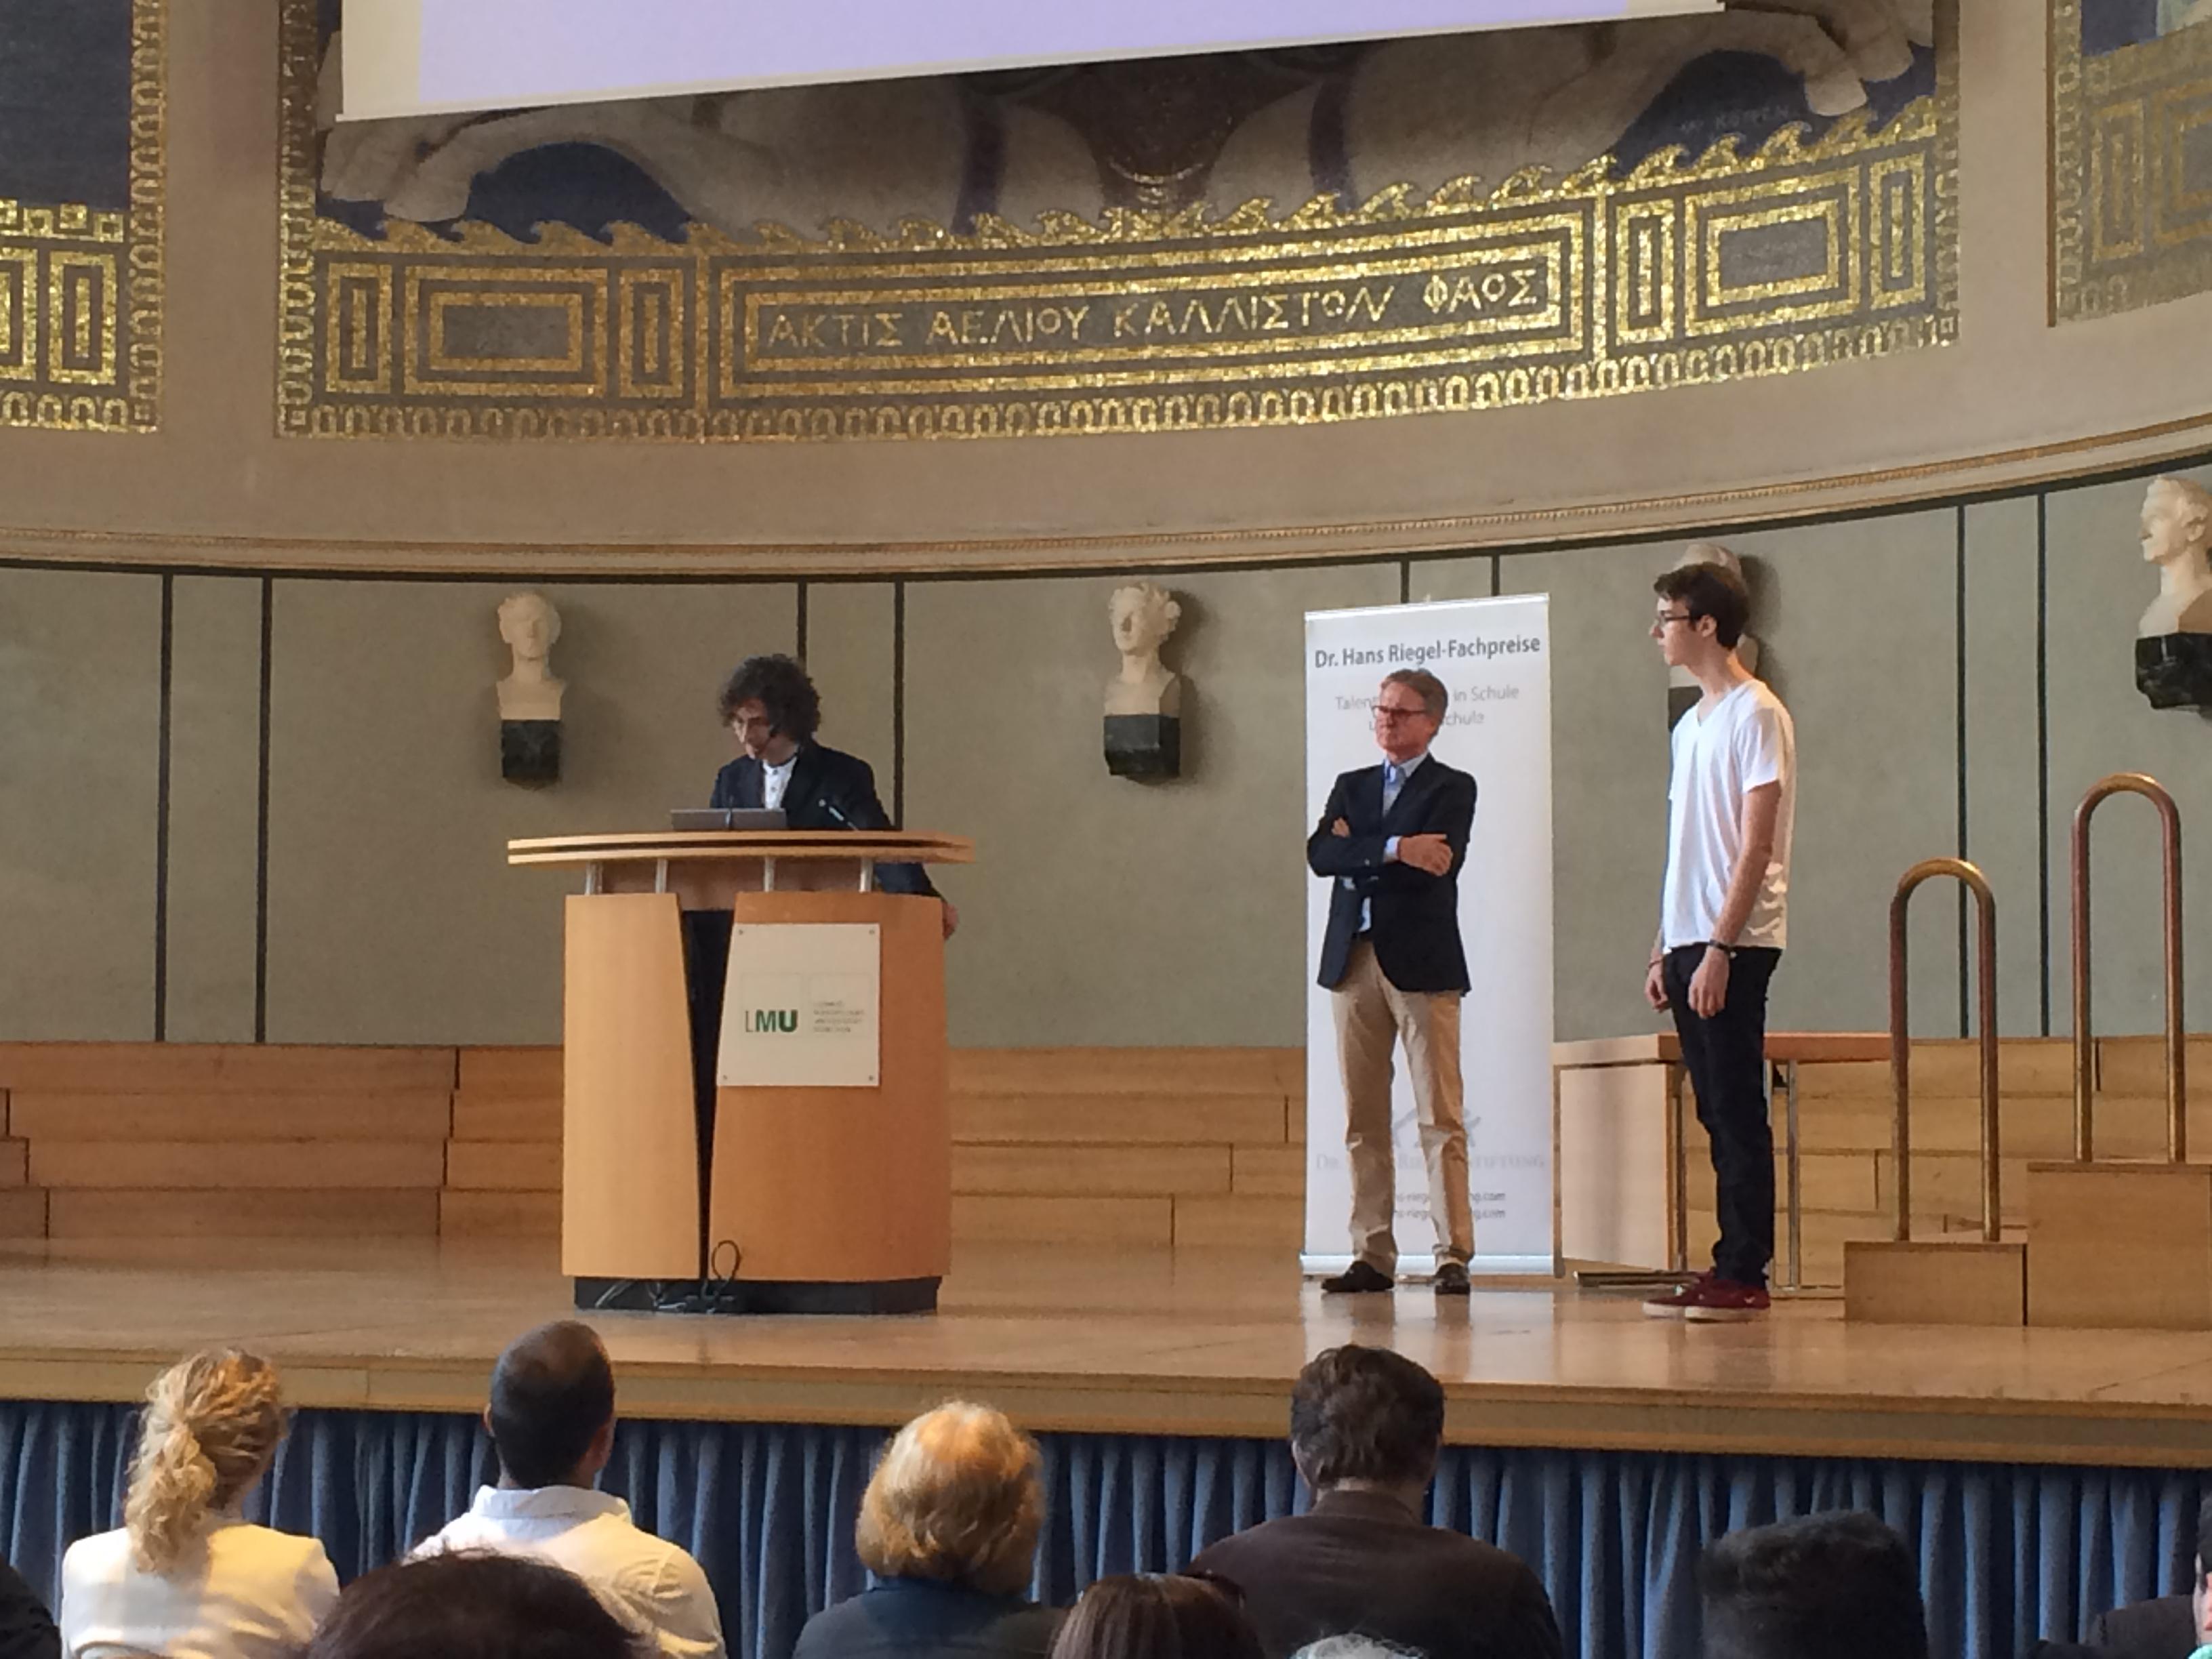 Dr. Hans Riegel-Fachpreis: Hendrik Noeller